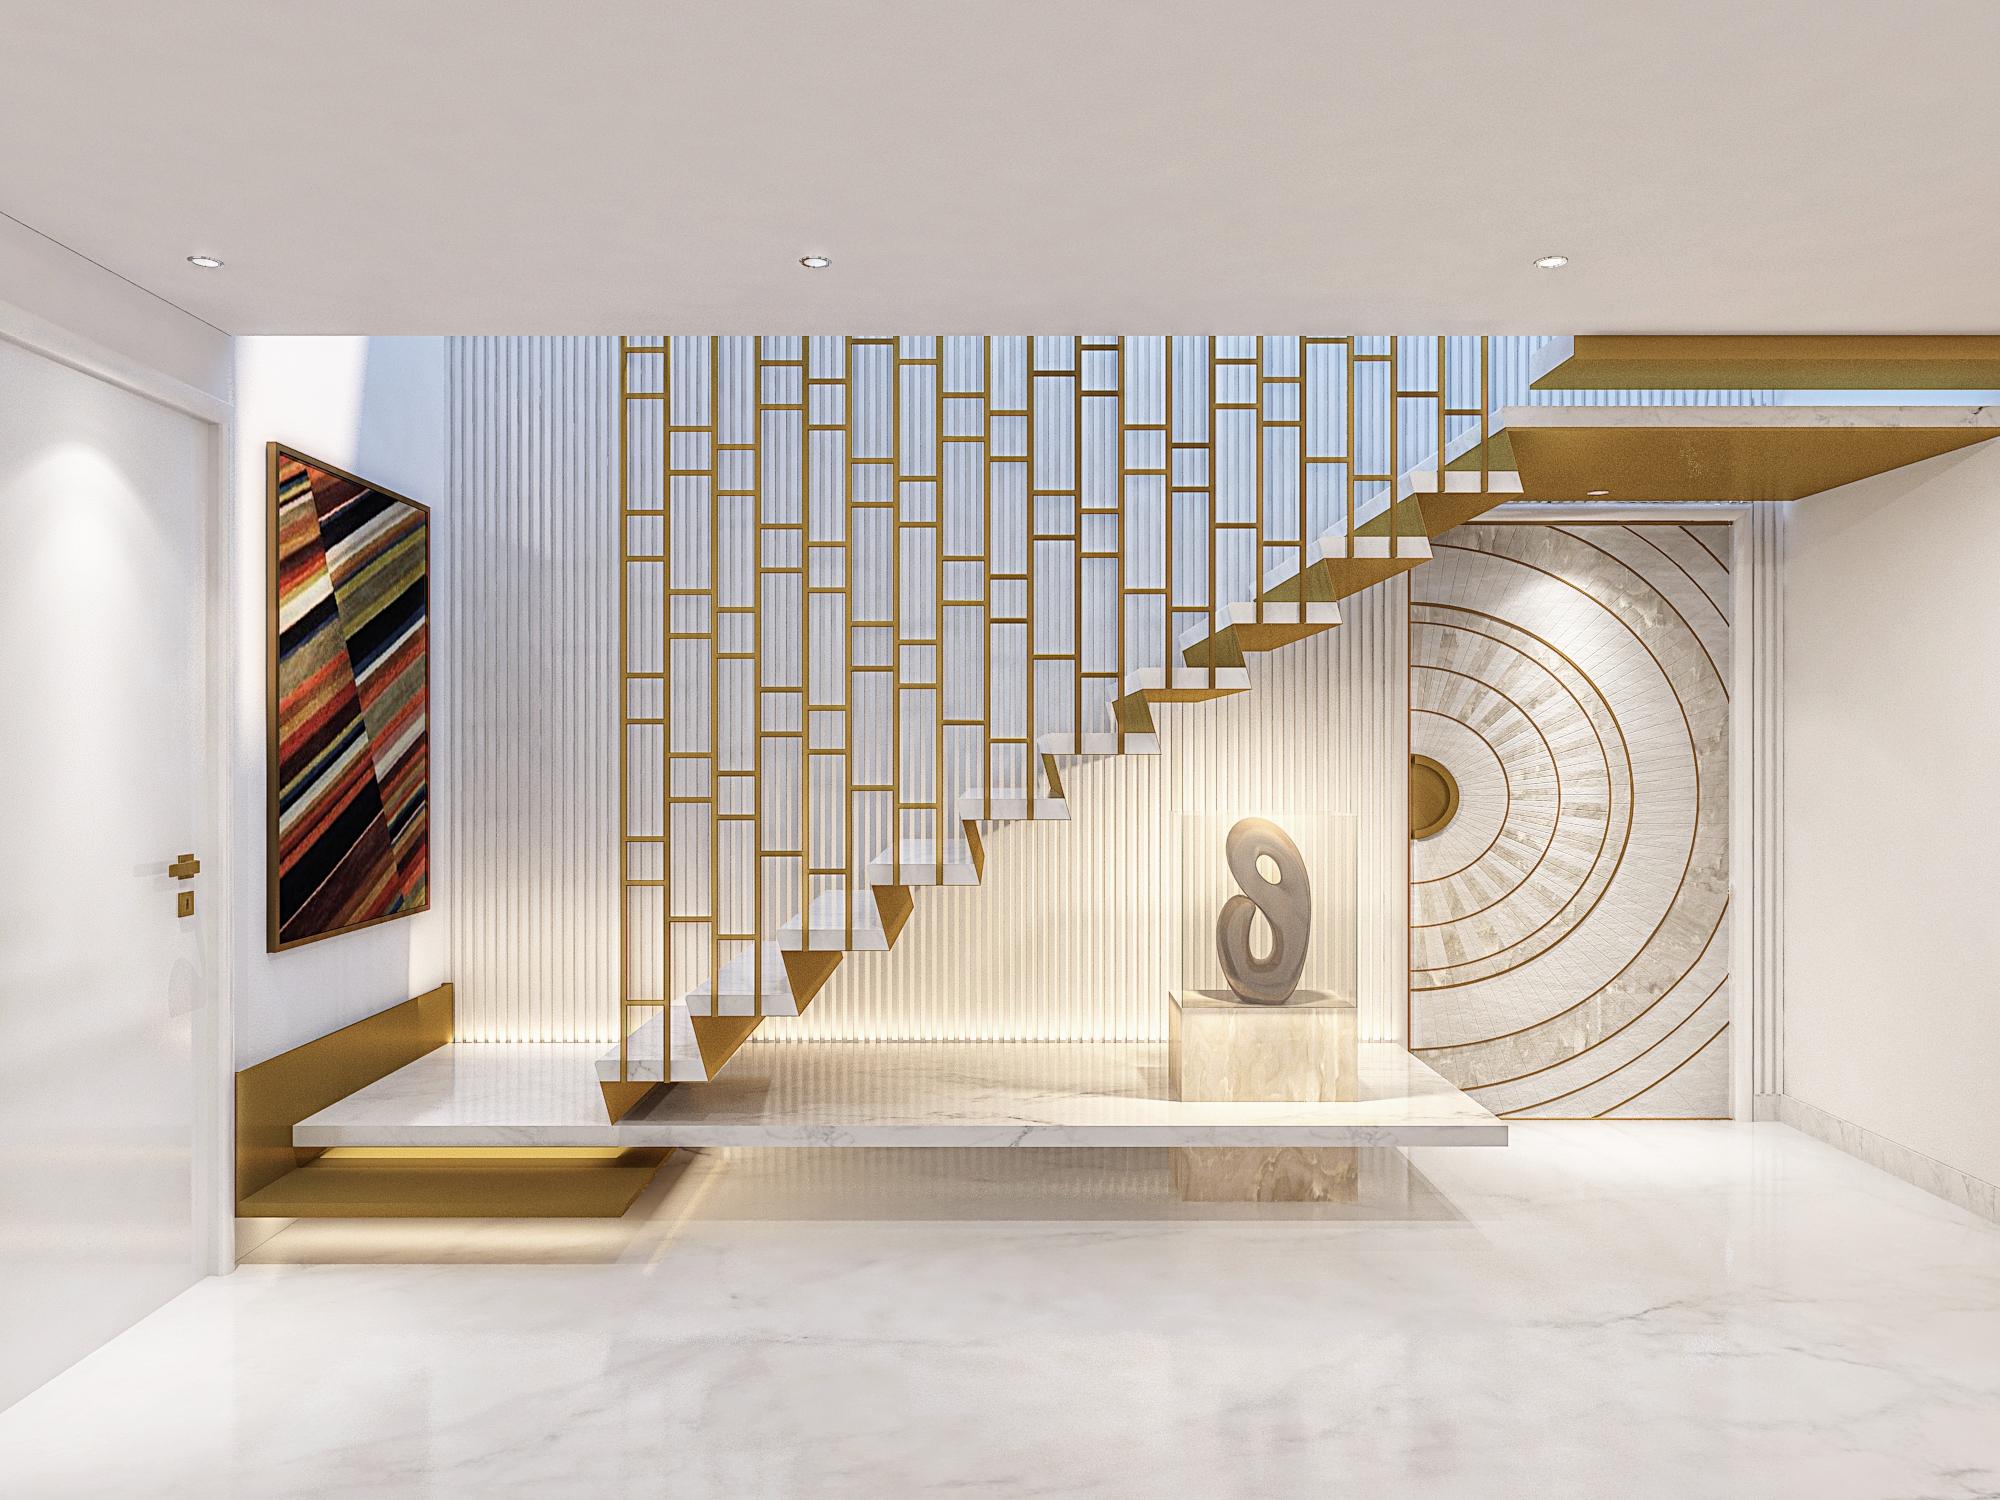 Stilt Stair case